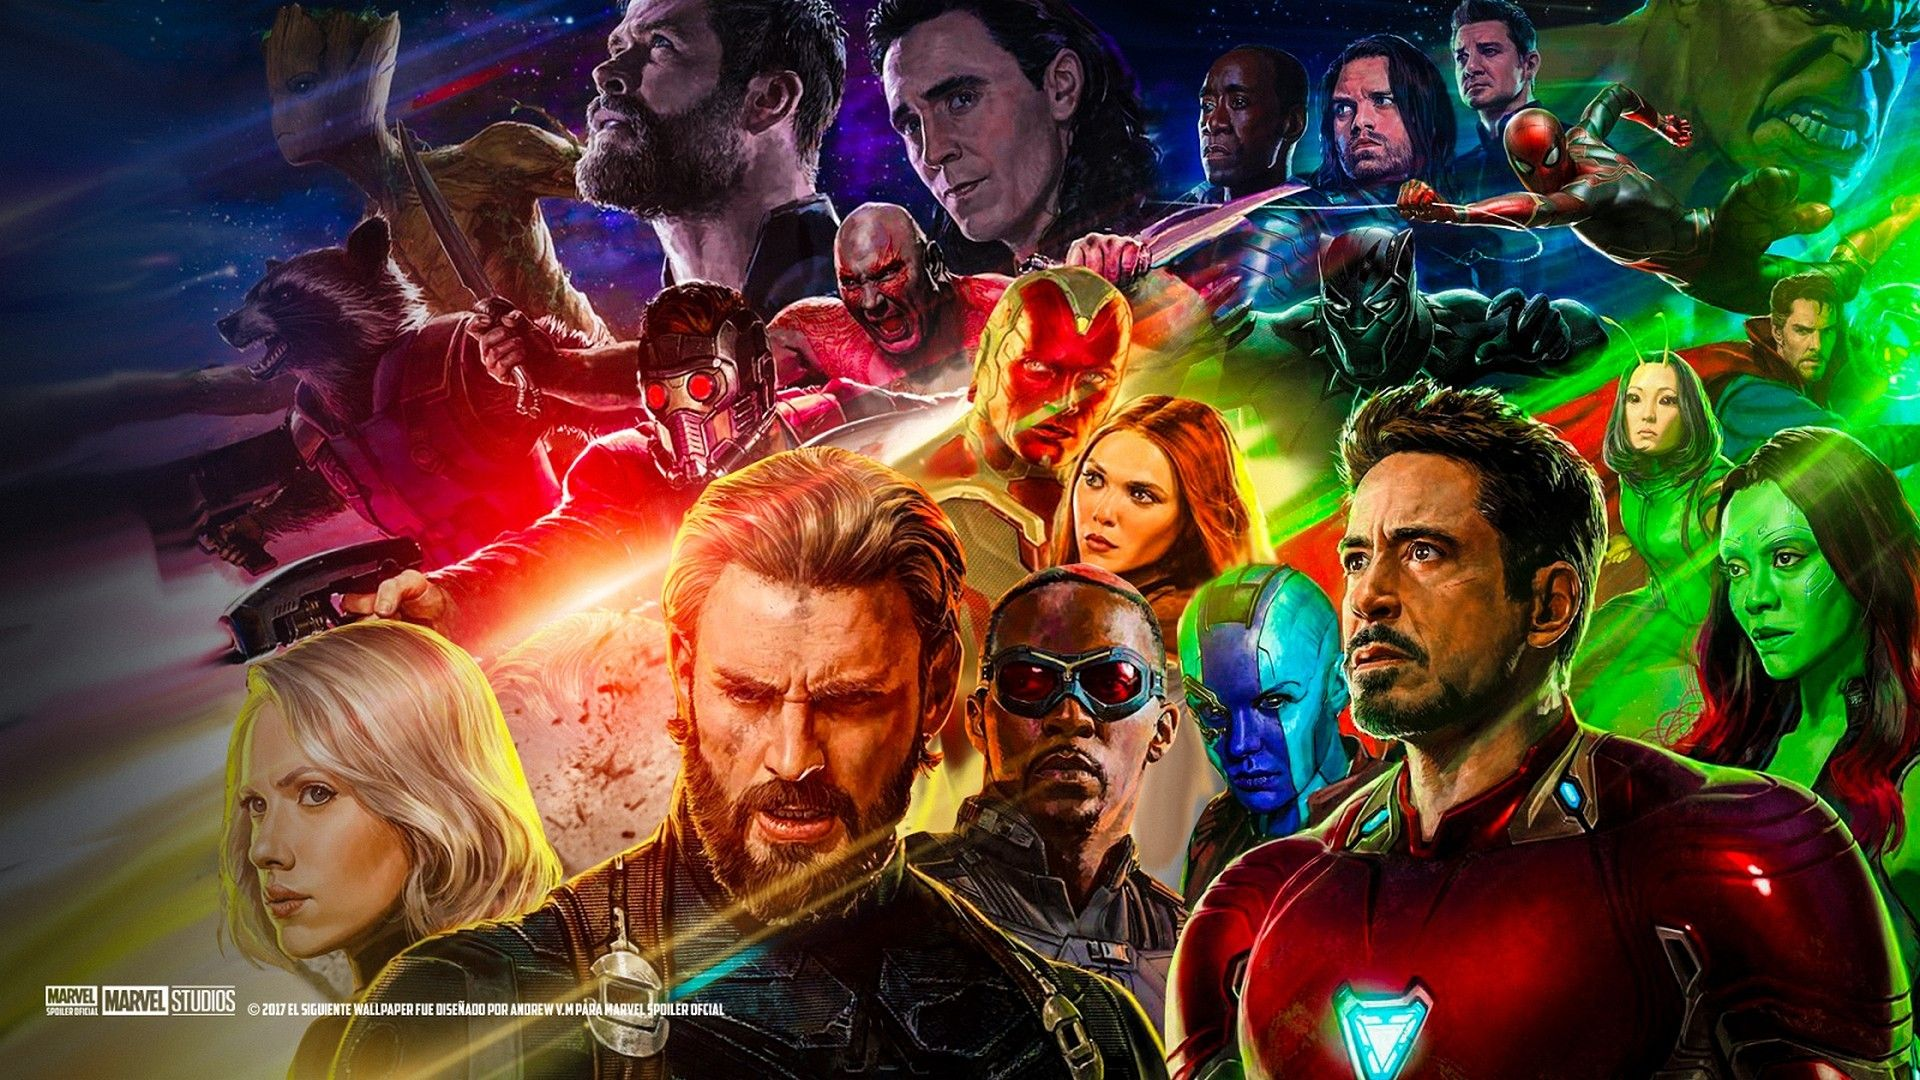 Wallpapers Avengers Infinity War Best Hd Wallpapers Avengers Wallpaper Avengers Avengers Infinity War